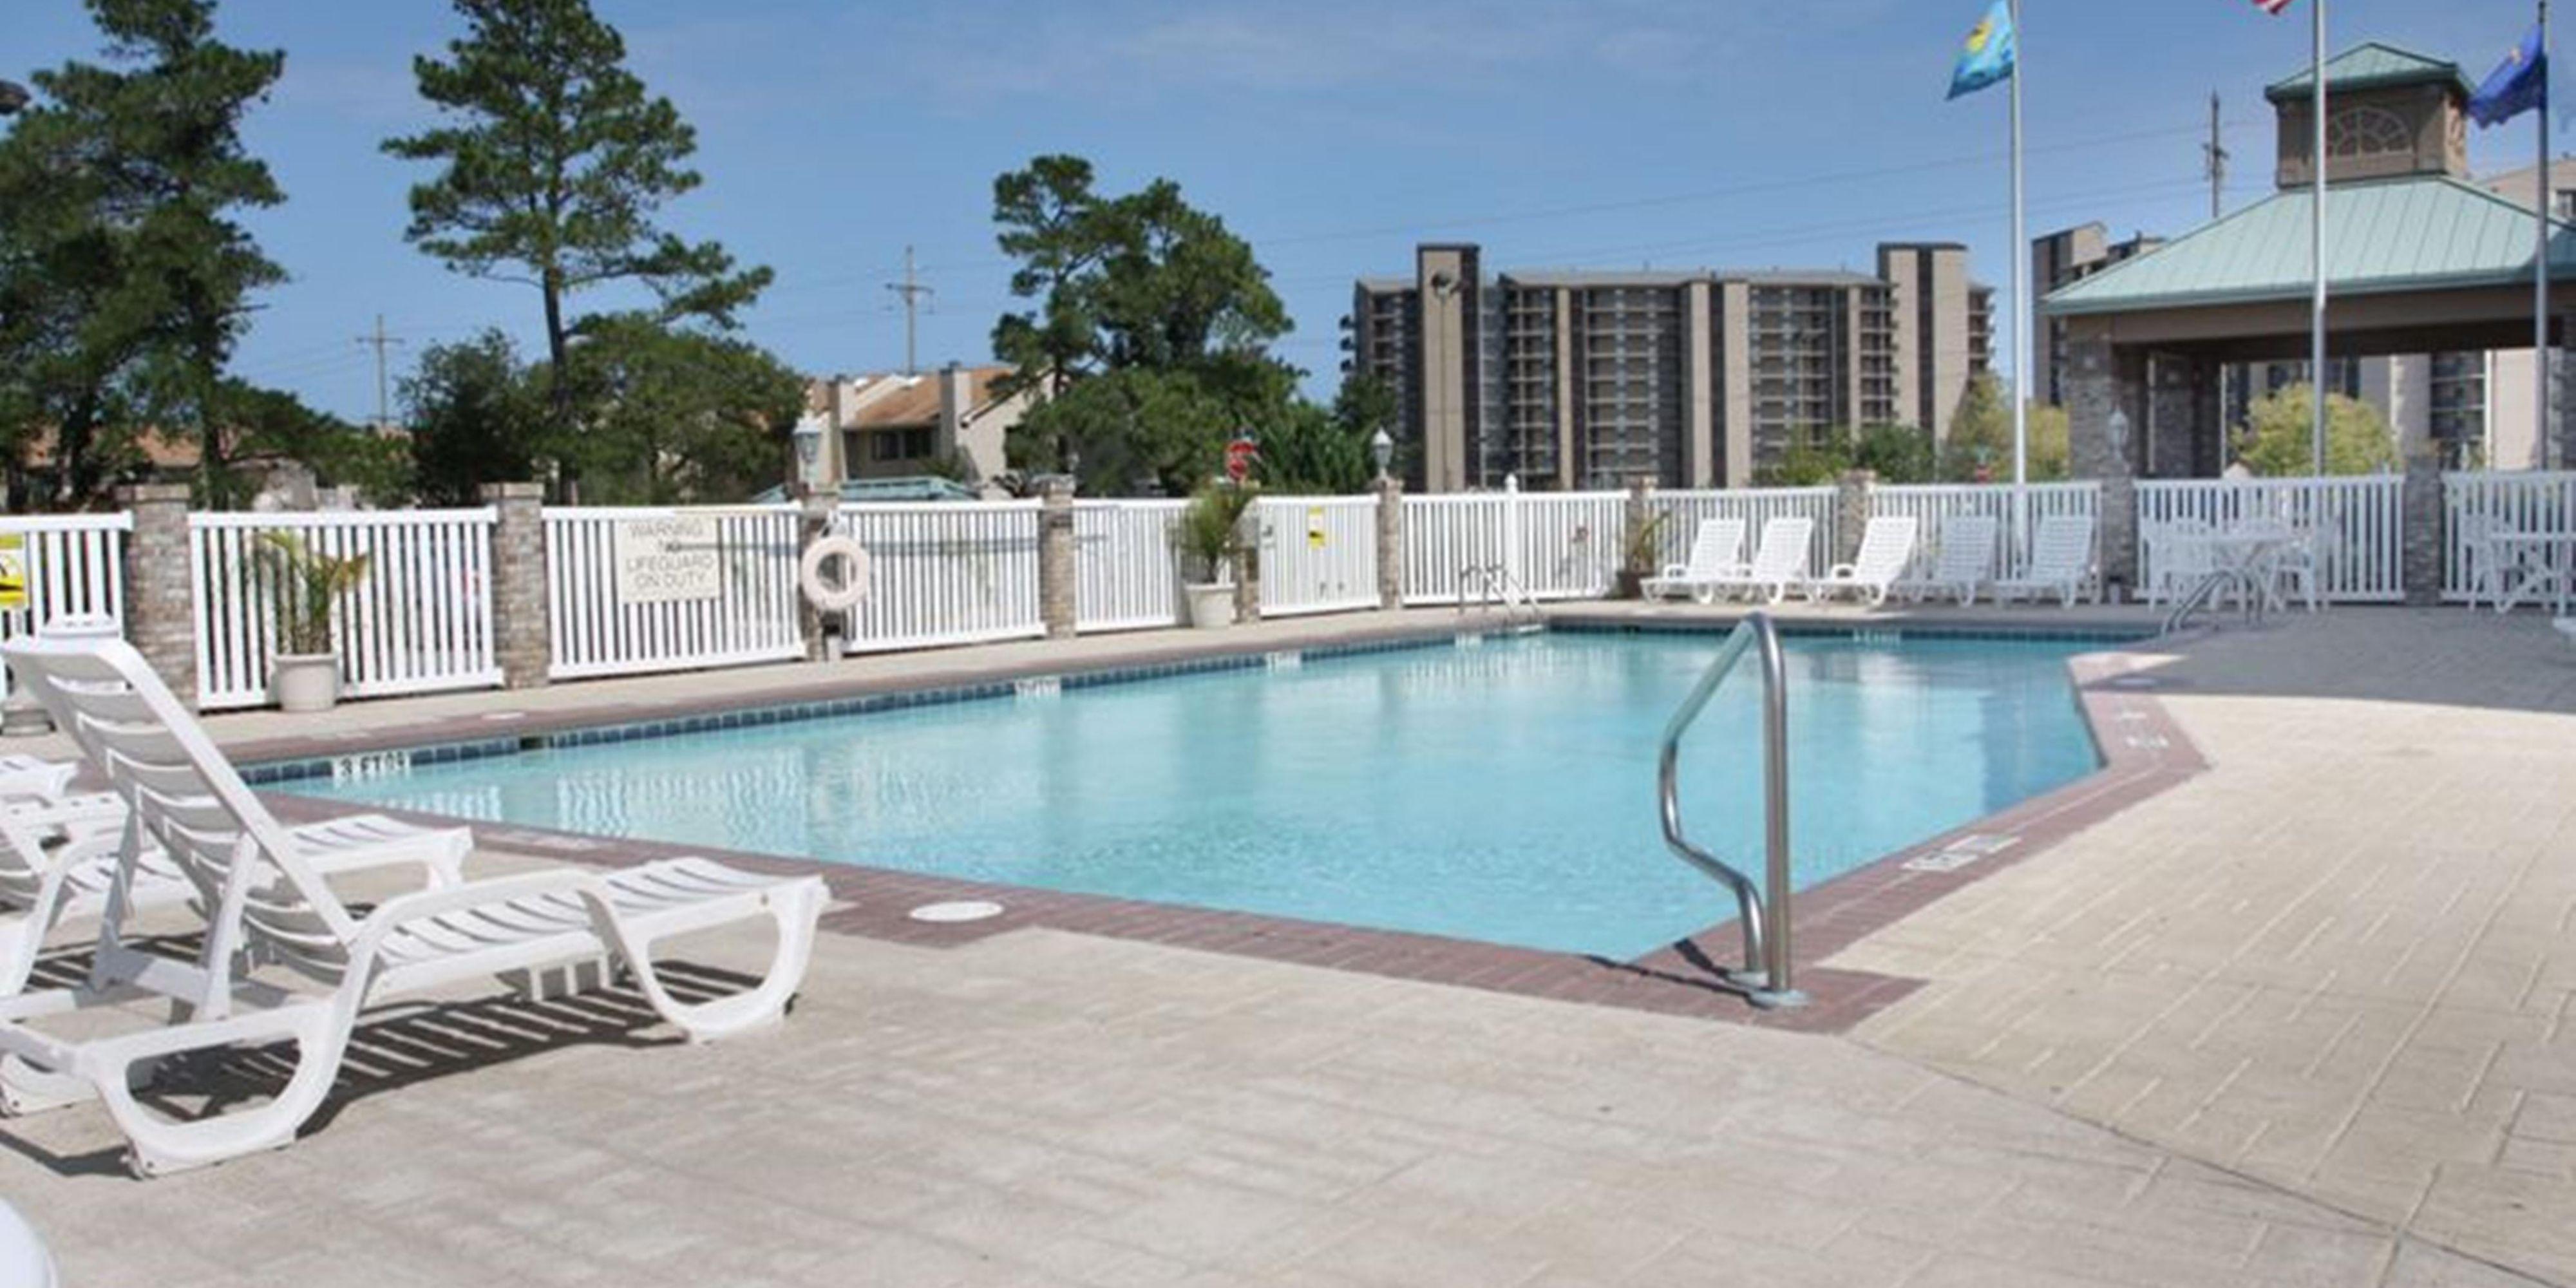 Holiday Inn Express Bethany Beach 3787256840 2x1